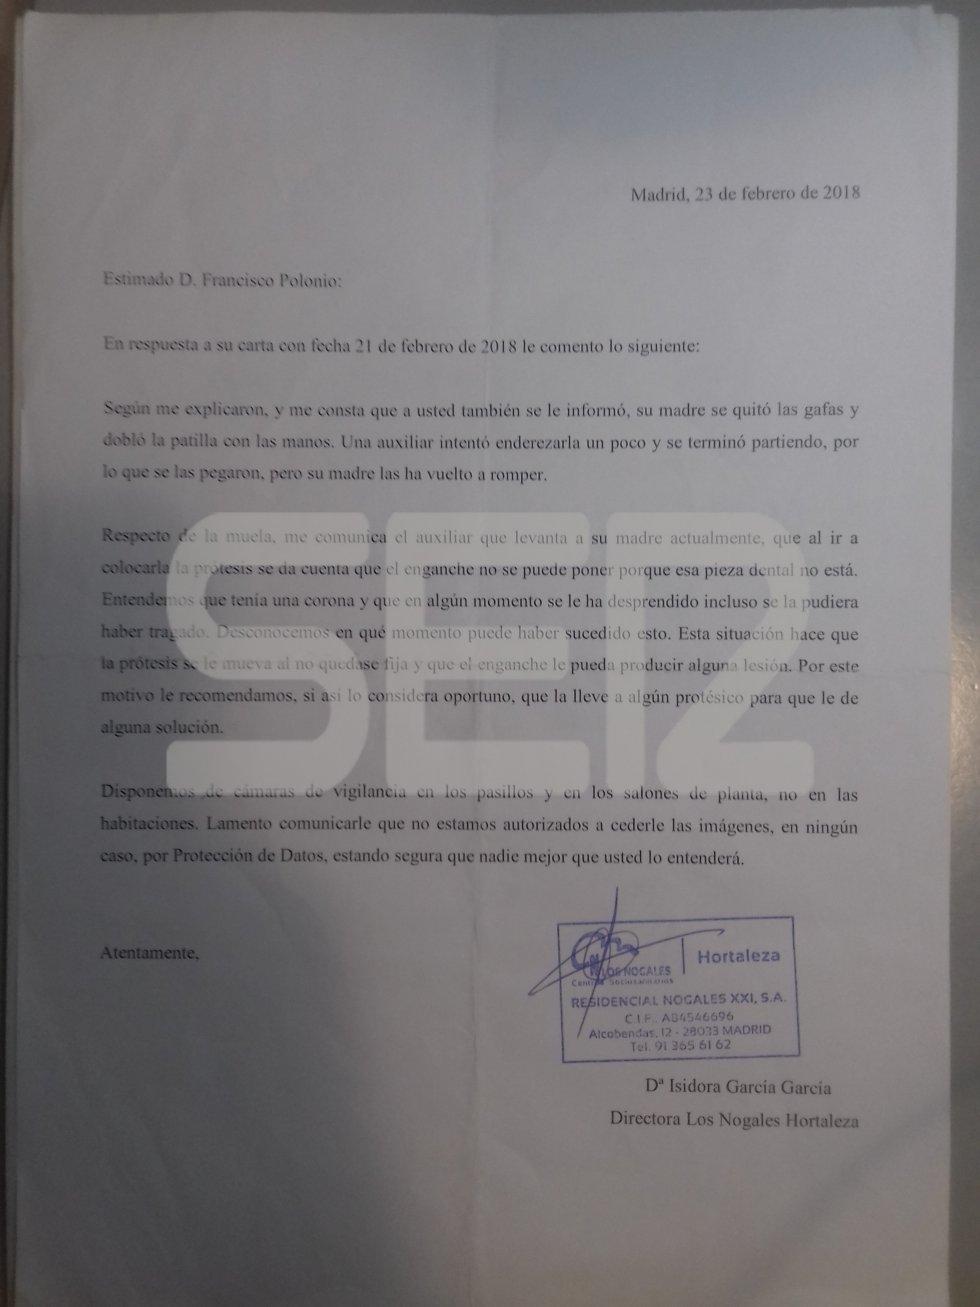 Los documentos demuestran denuncias por malos tratos en la residencia madrileña.